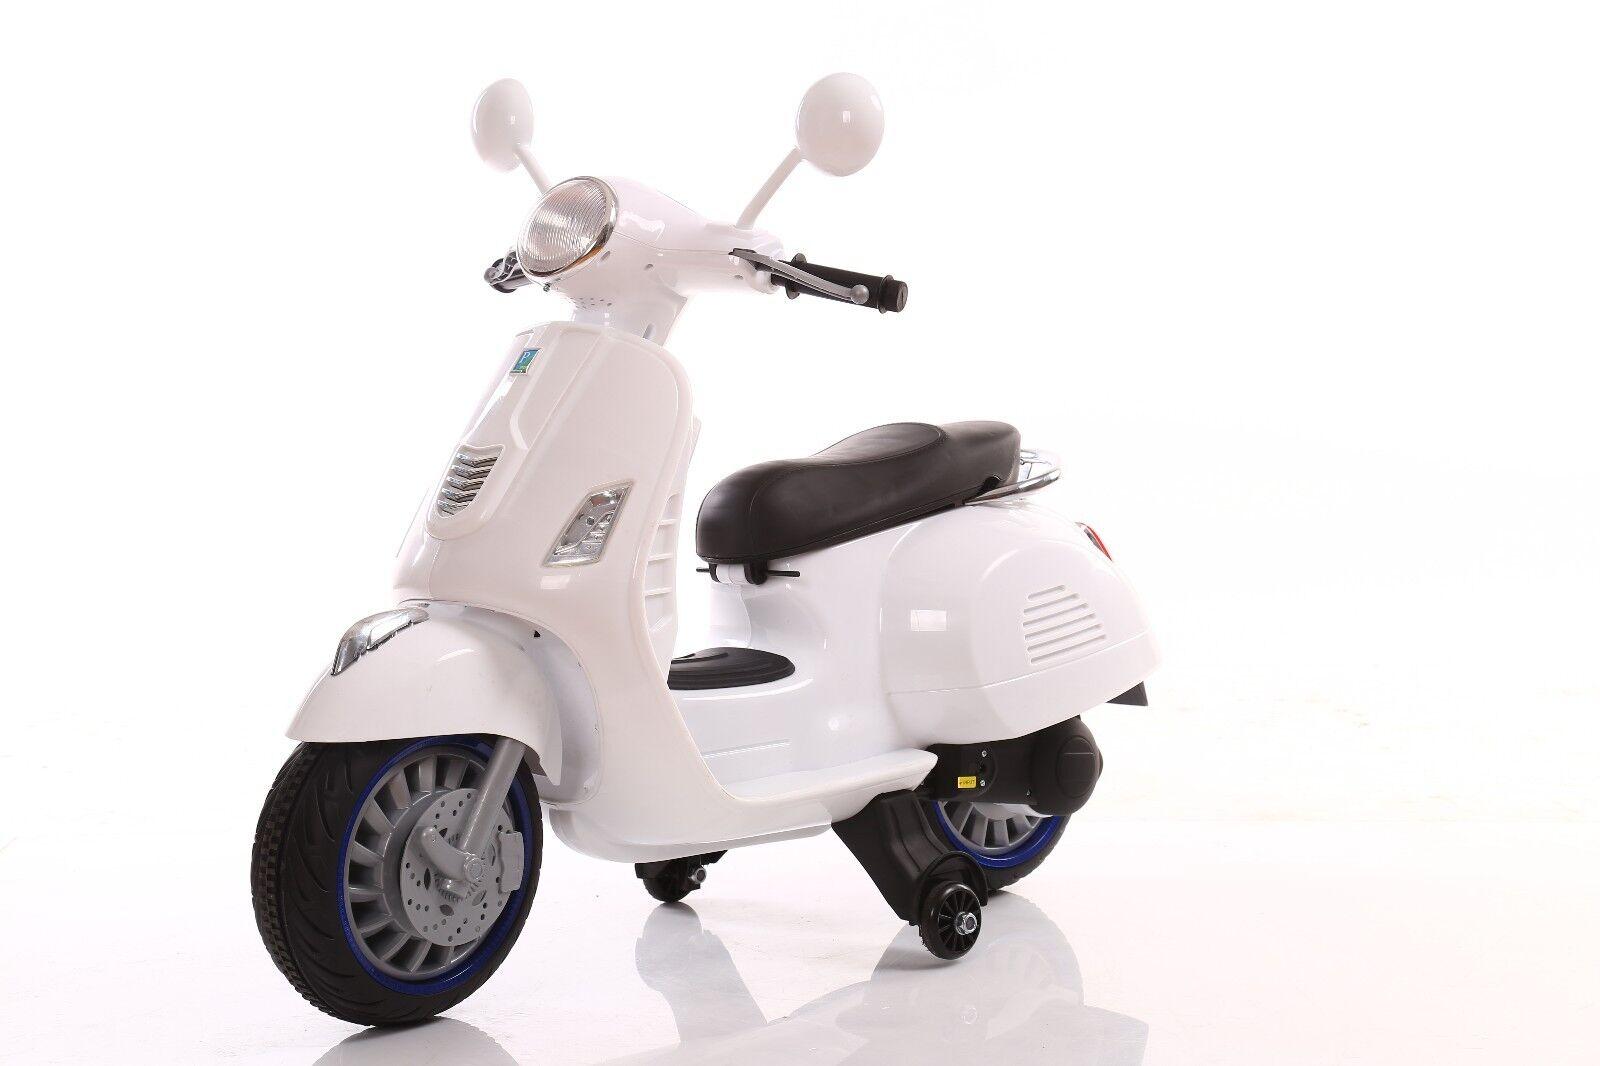 MOTO MOTOCICLETTA ELETTRICA PER BAMBINI SCOOTER HAPPY  12v